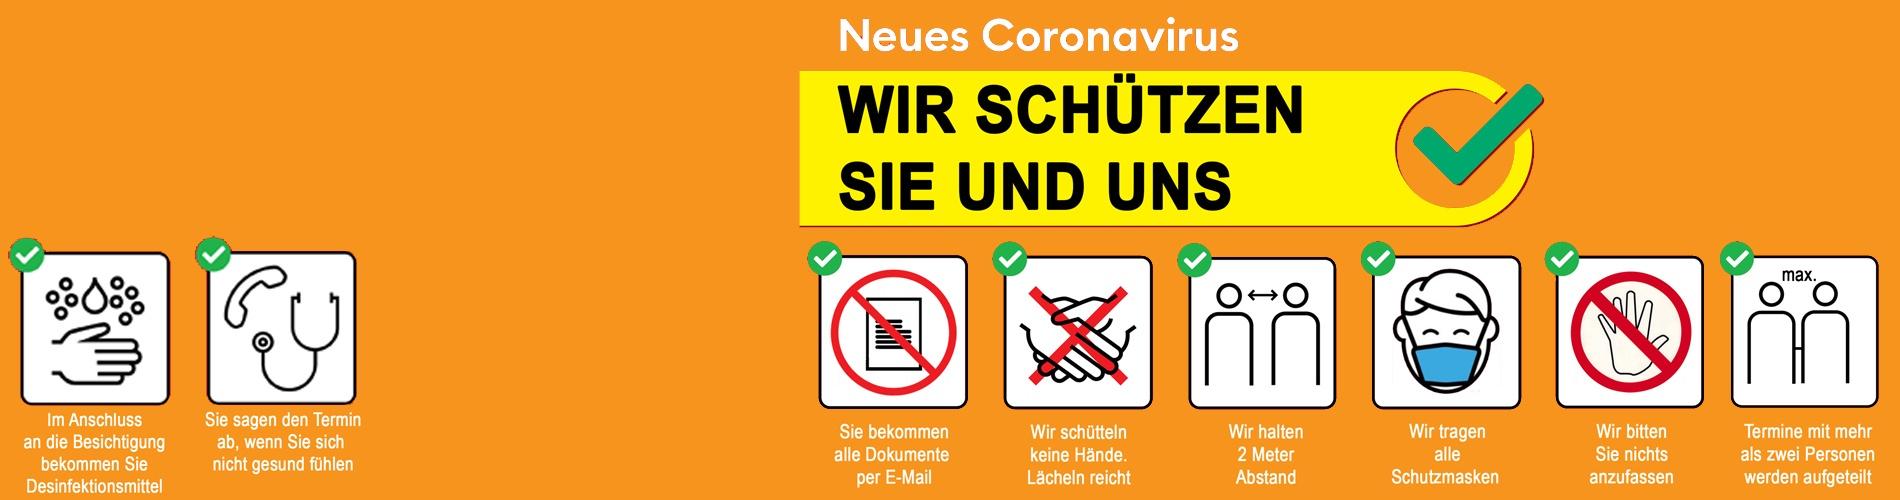 Immobilienverkauf während Corona … Wir schützen Sie.